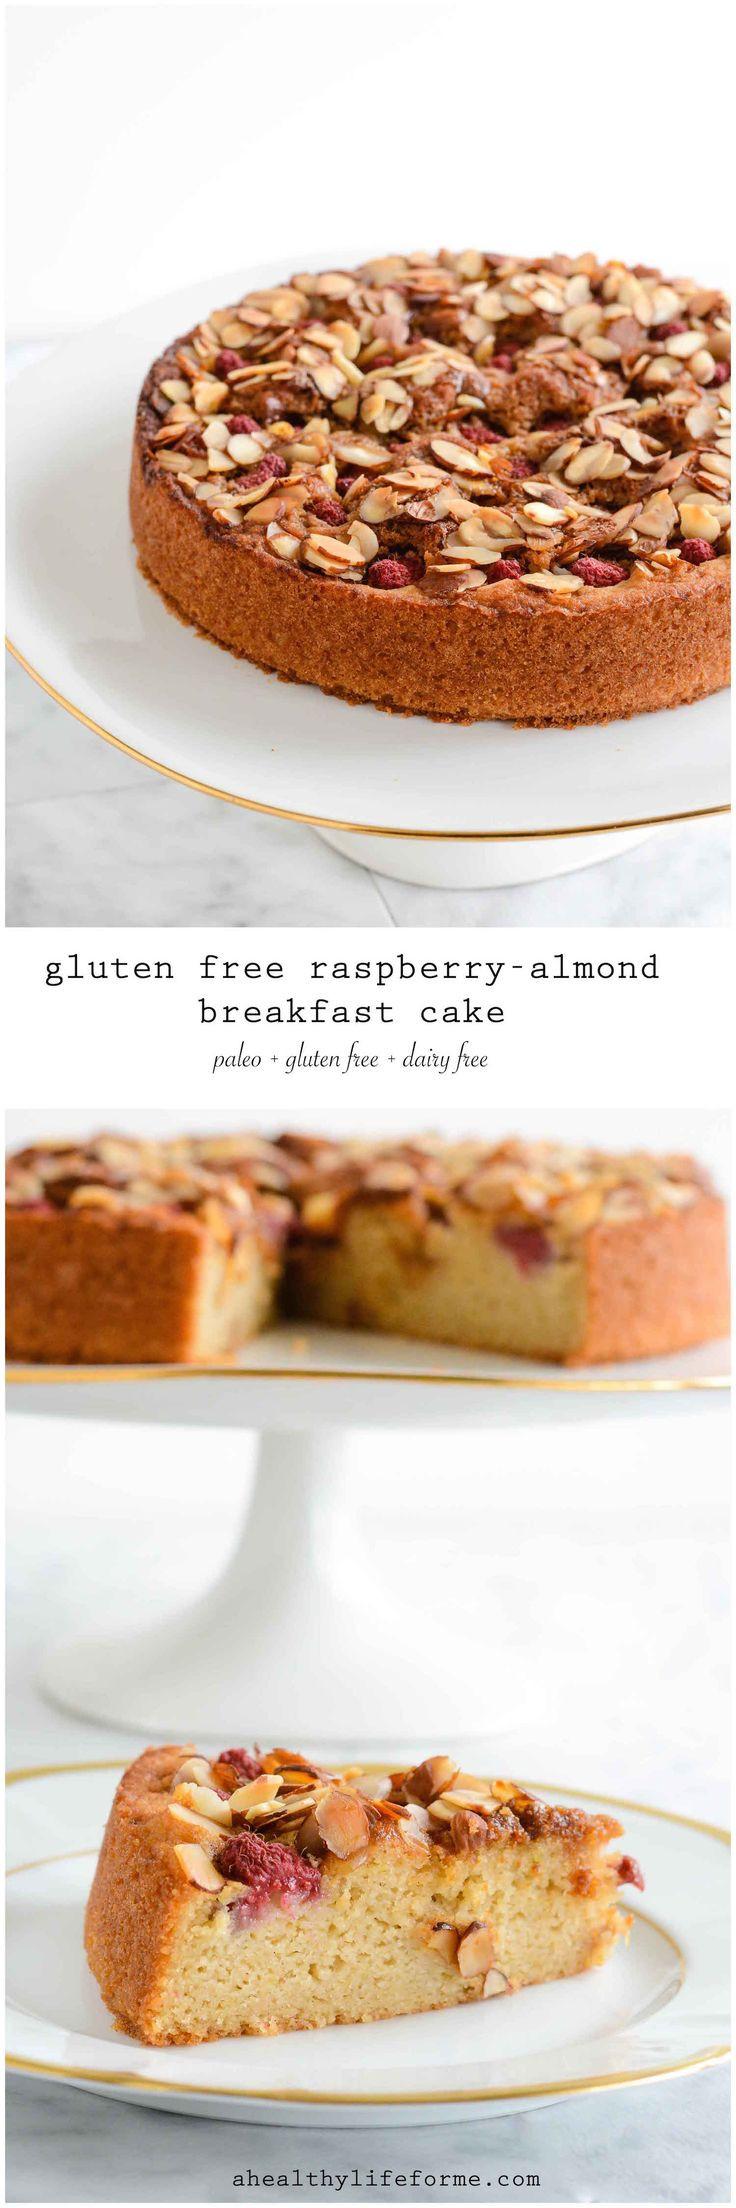 Gluten Free Dairy Free Breakfast Recipes  345 best Gluten Free Breakfast Recipes images on Pinterest